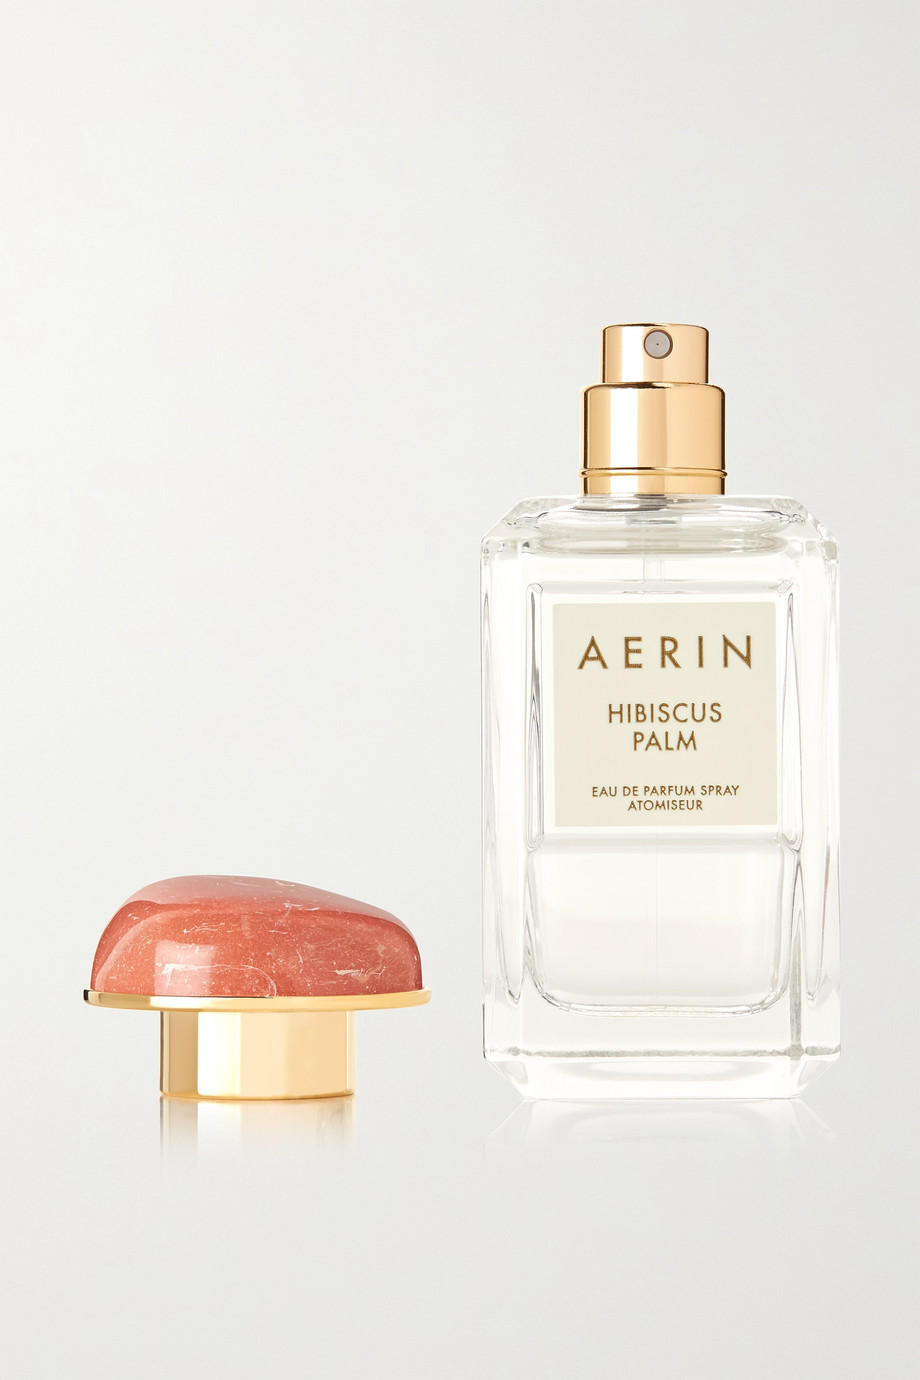 AERIN Beauty Hibiscus Palm Eau de Parfum, 50ml